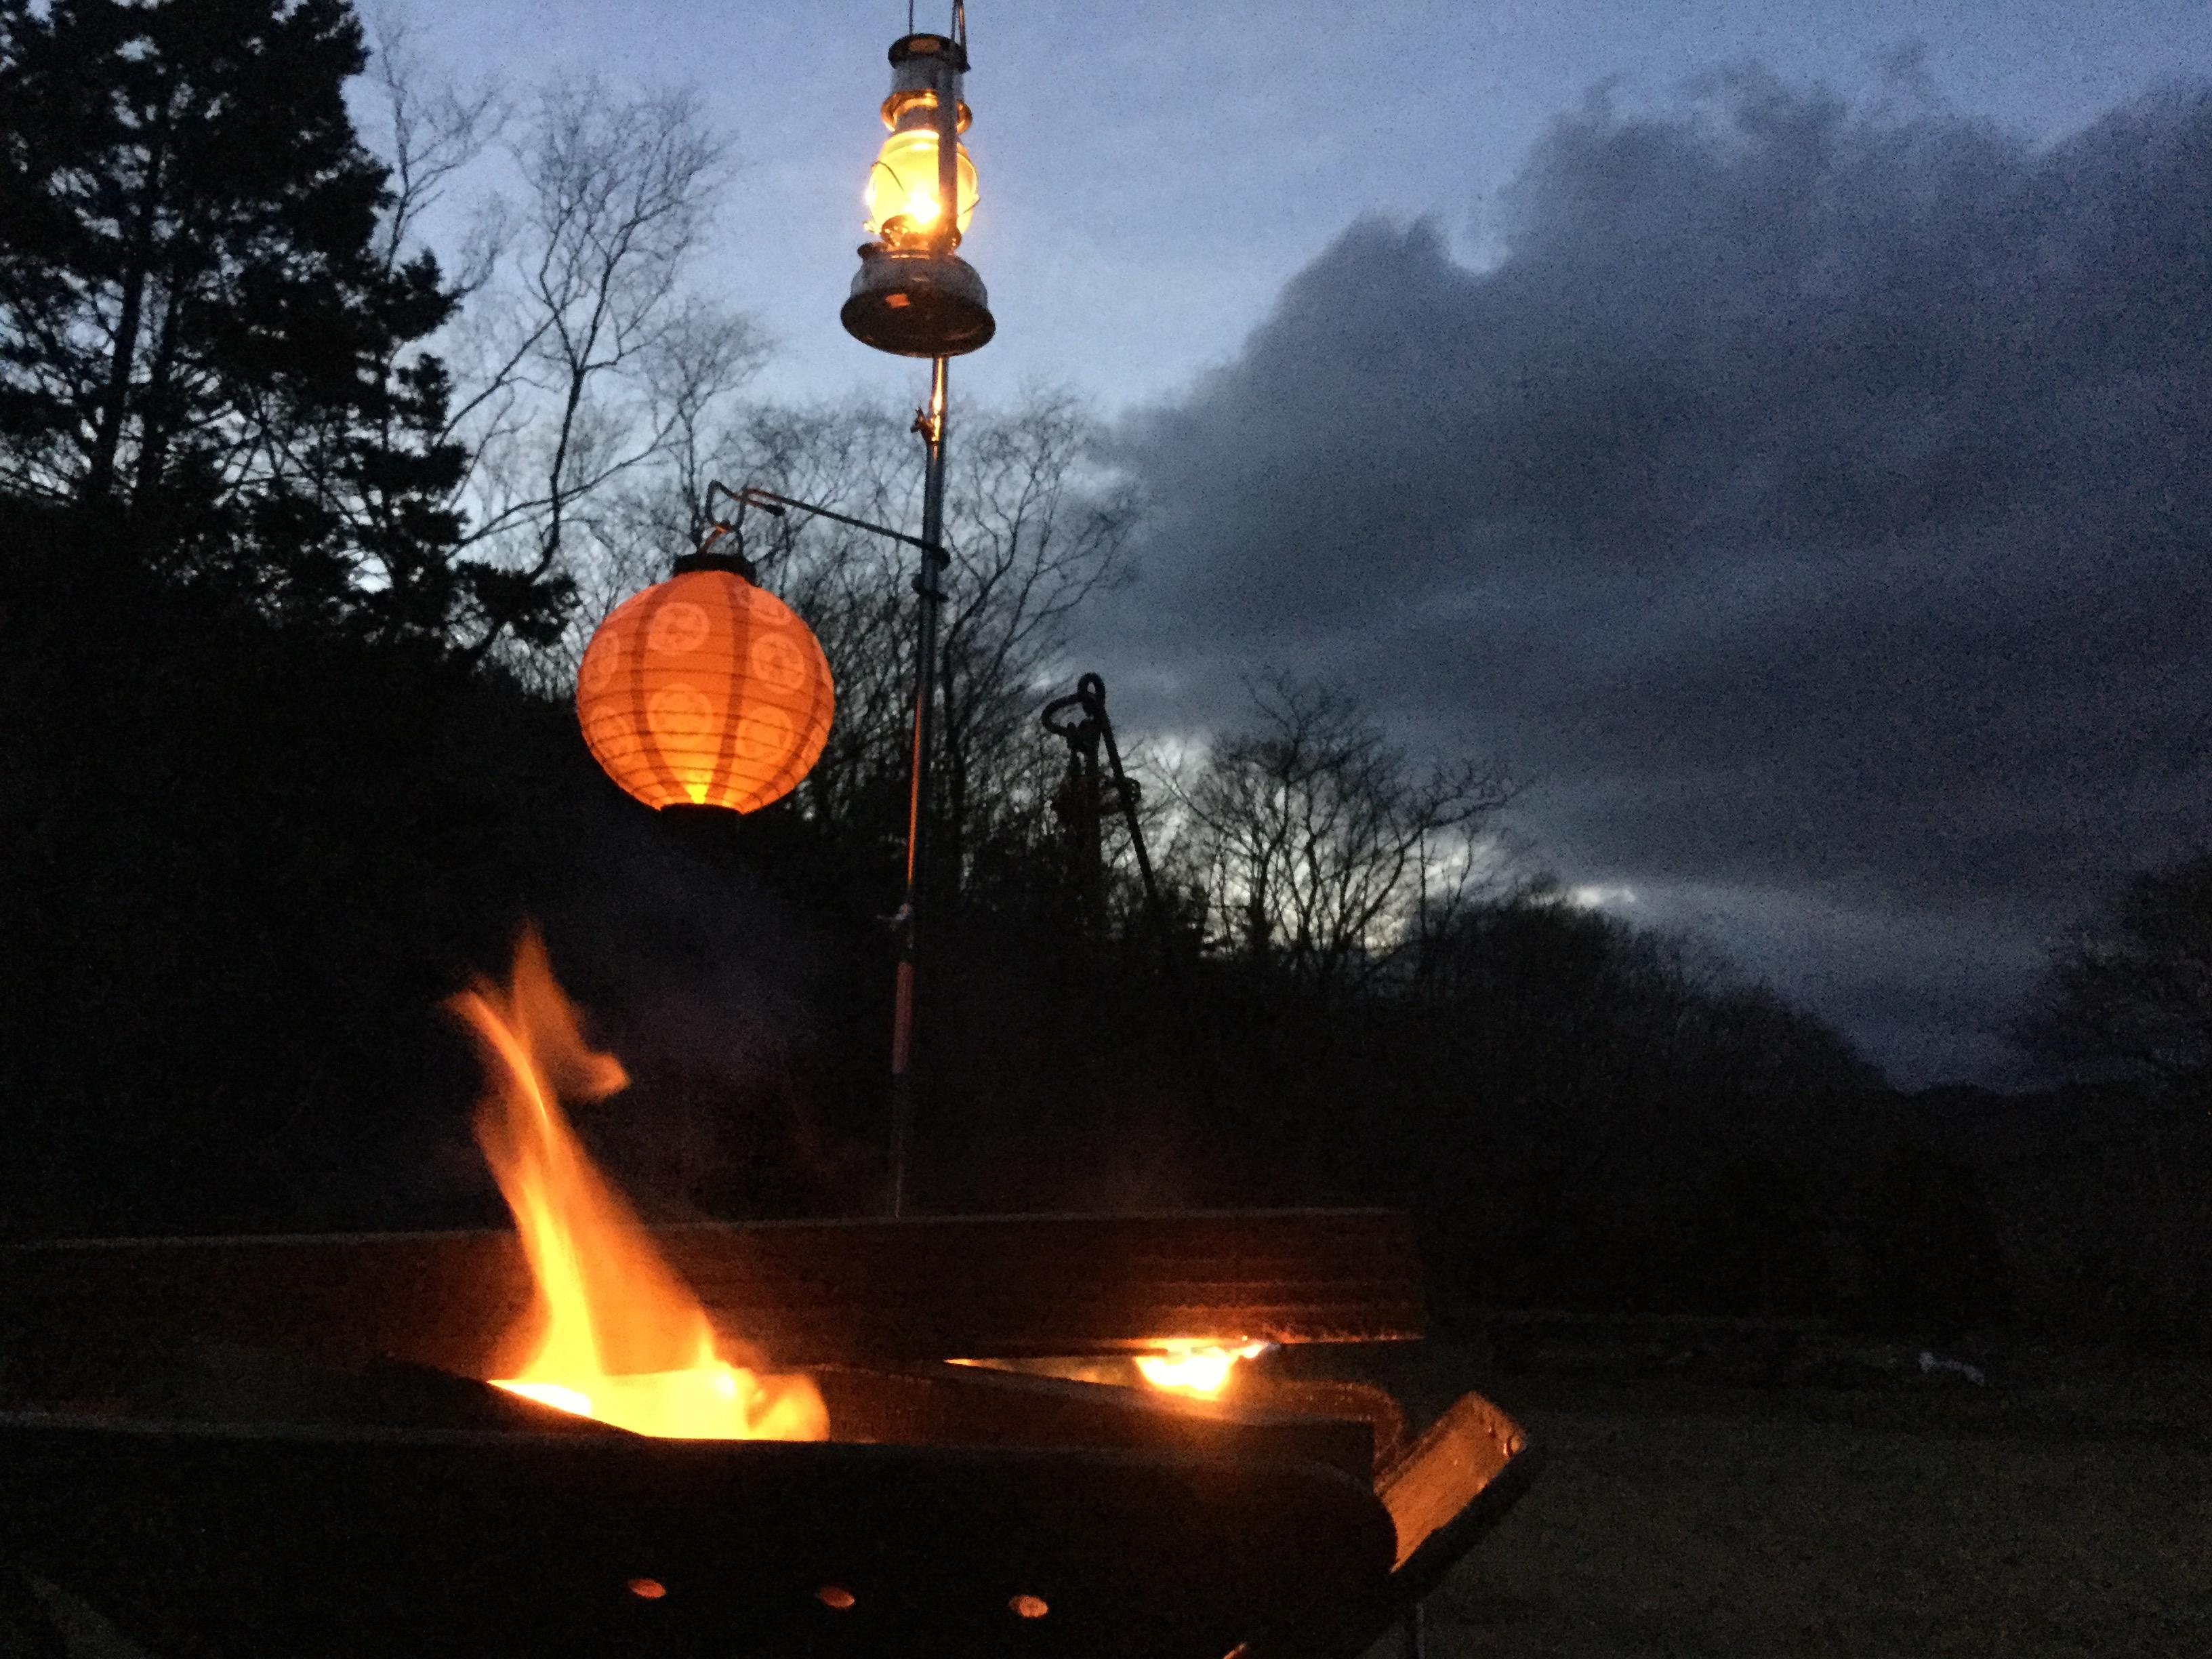 焚火を楽しむ2つのアイテム!火で食べて暖まろう!